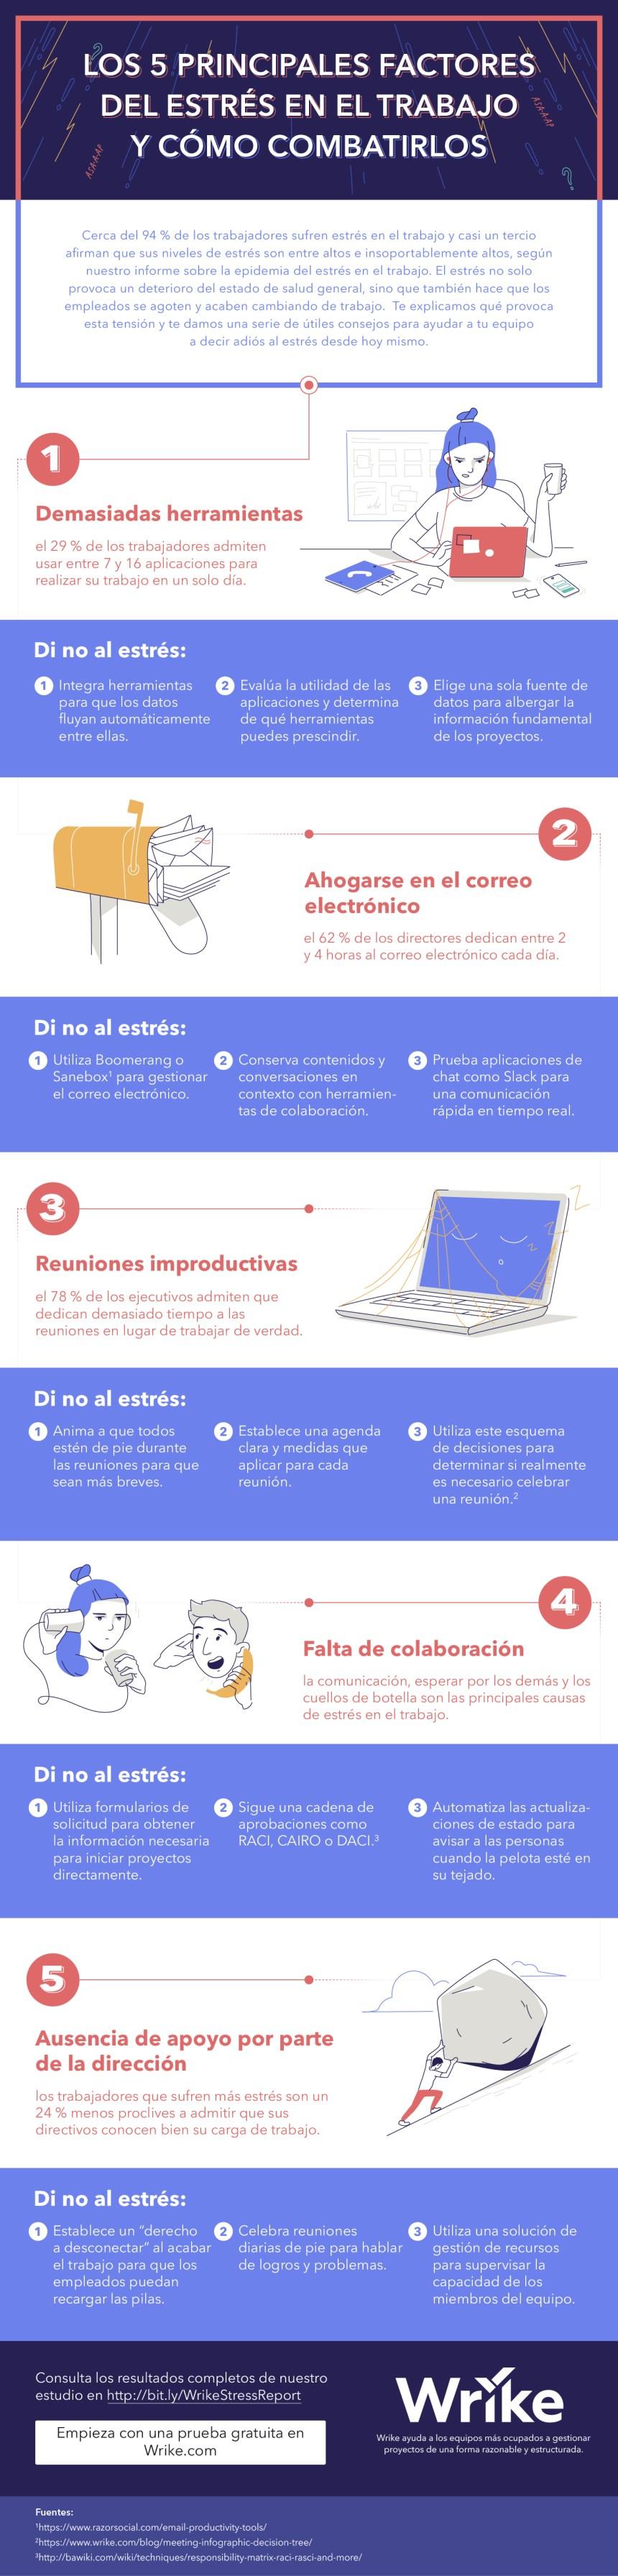 5 principales factores del estrés en el trabajo y cómo combatirlos #infografia #infographic #salud